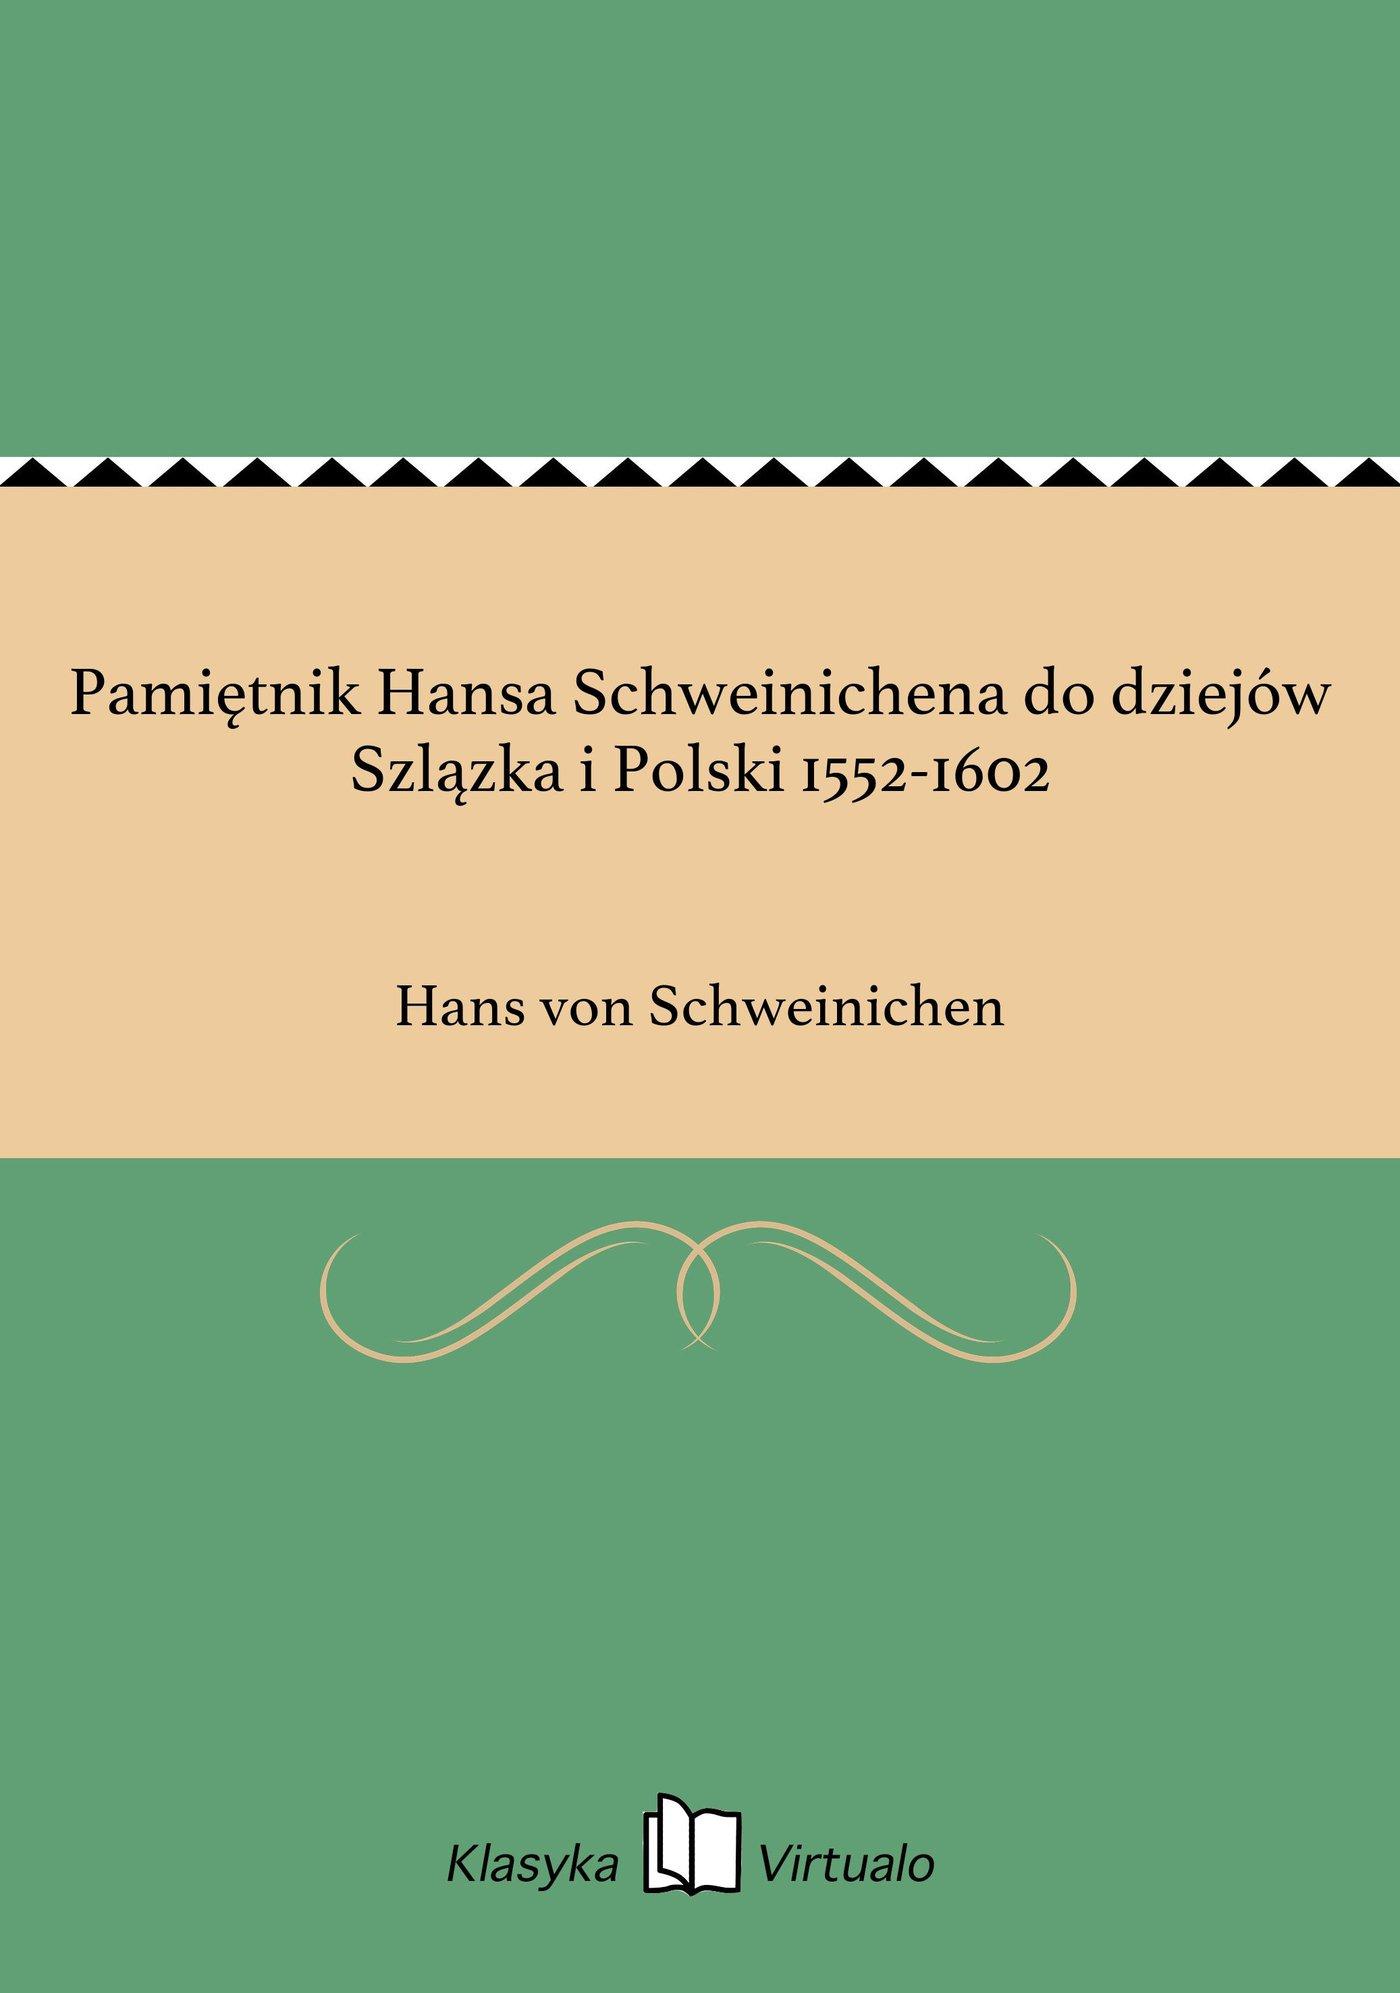 Pamiętnik Hansa Schweinichena do dziejów Szlązka i Polski 1552-1602 - Ebook (Książka EPUB) do pobrania w formacie EPUB